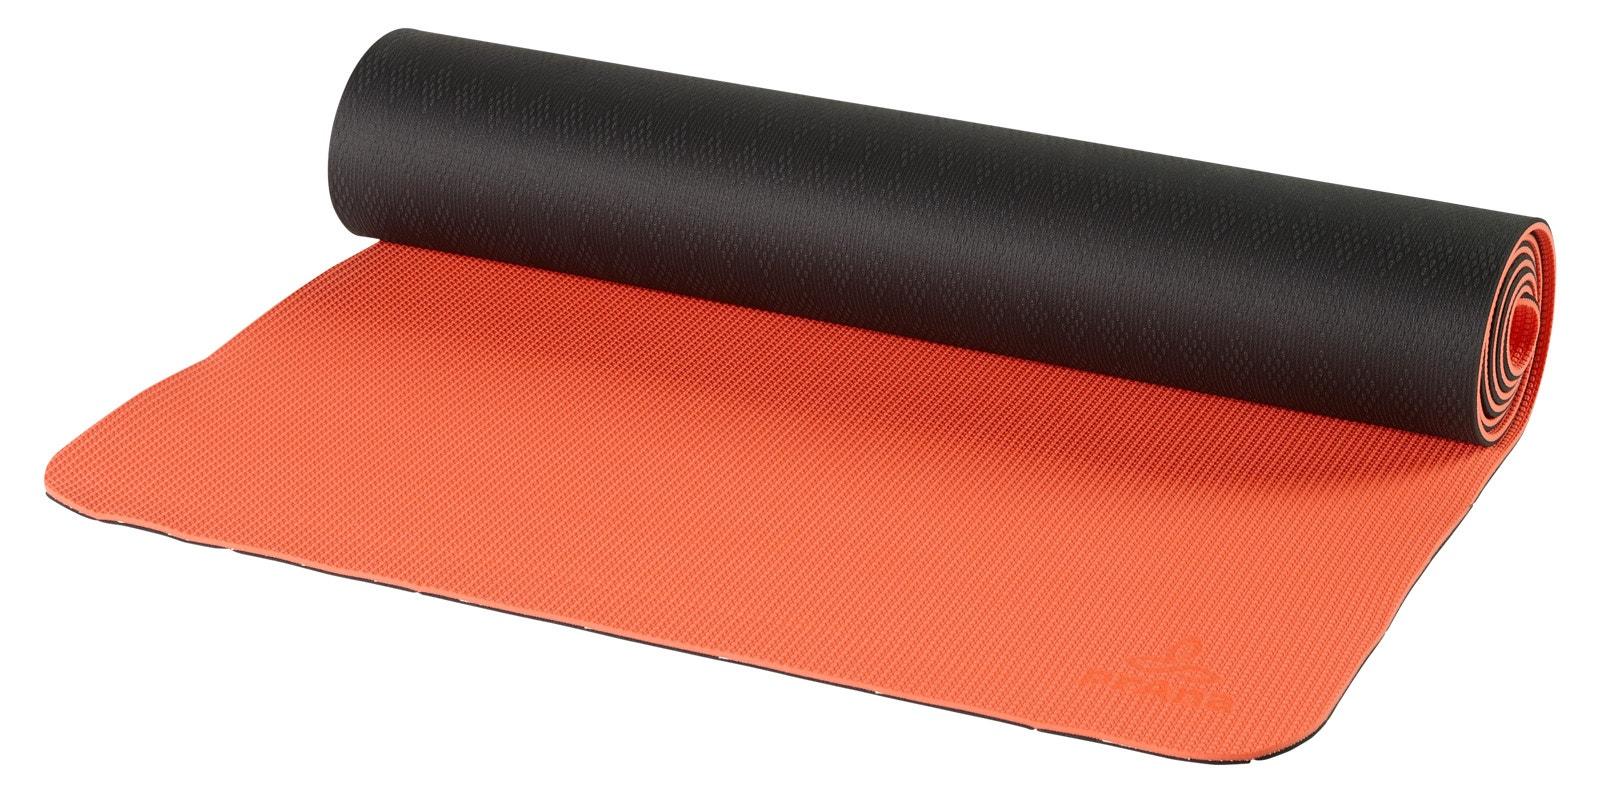 E.C.O Yoga Mat